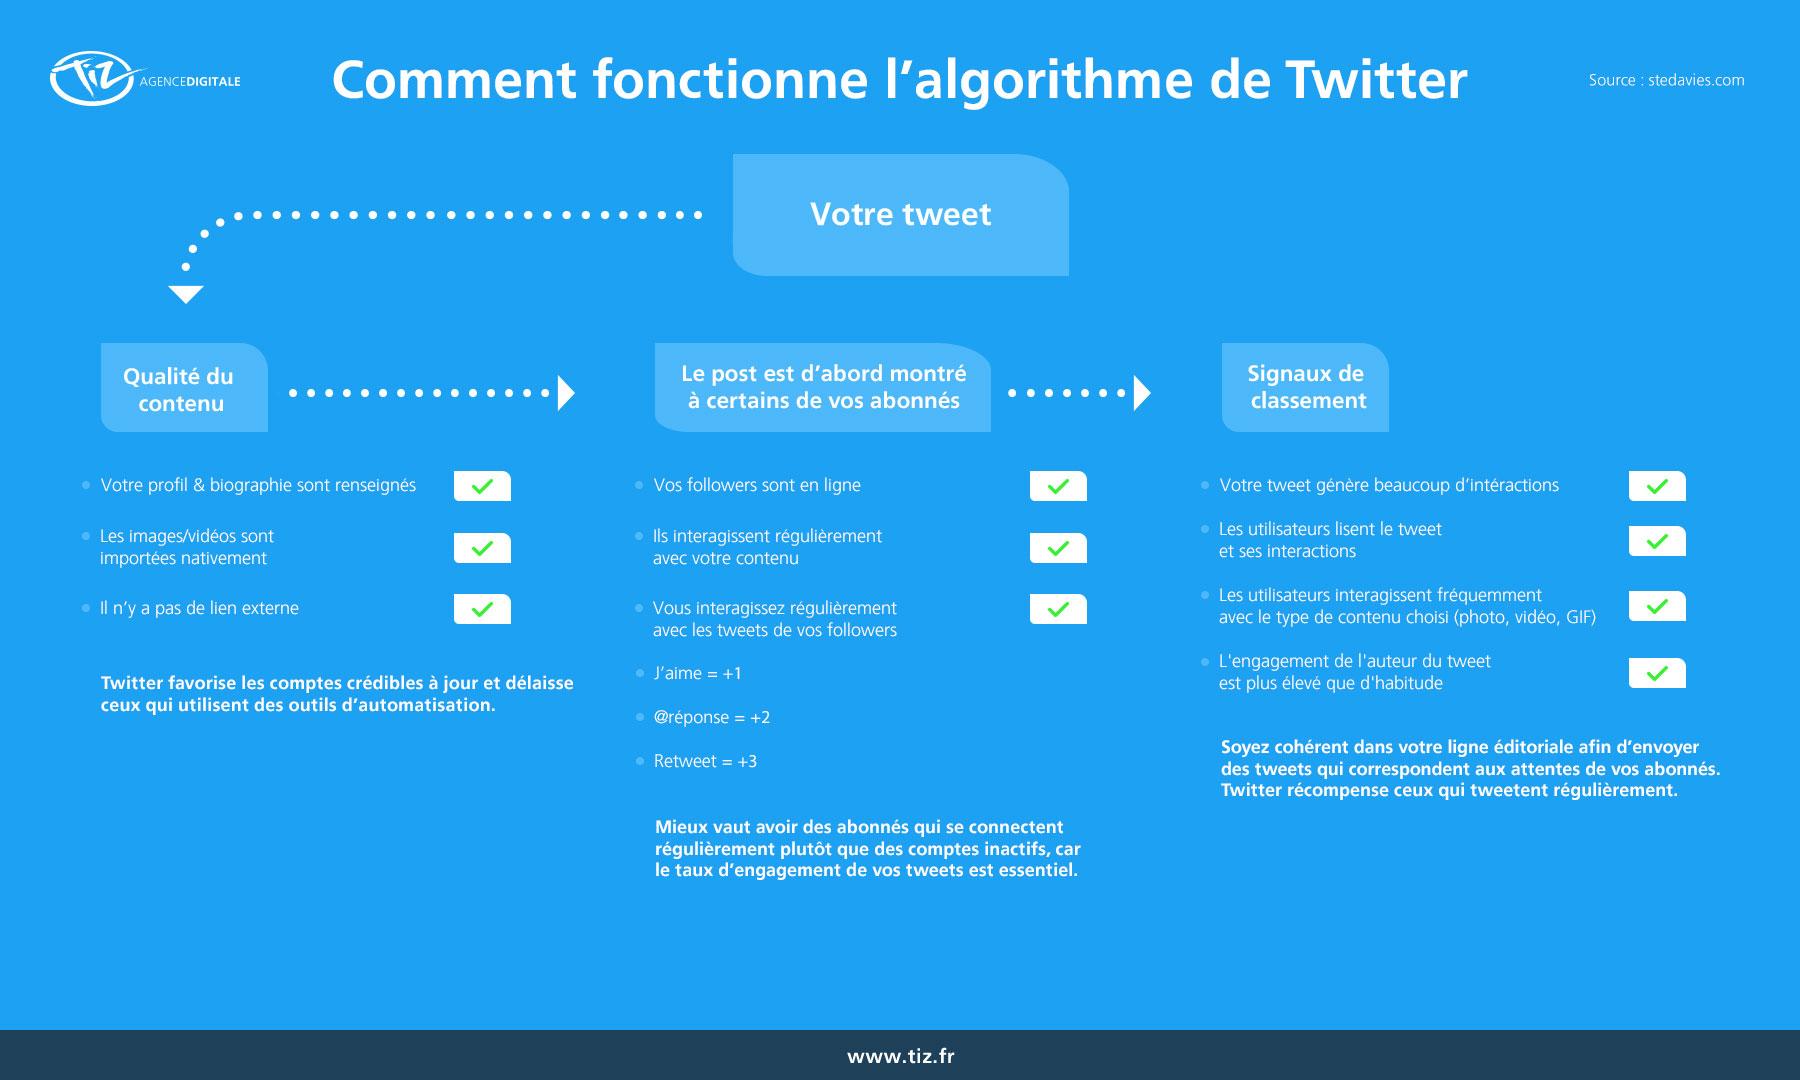 Comment fonctionne l'algorithme de Twitter